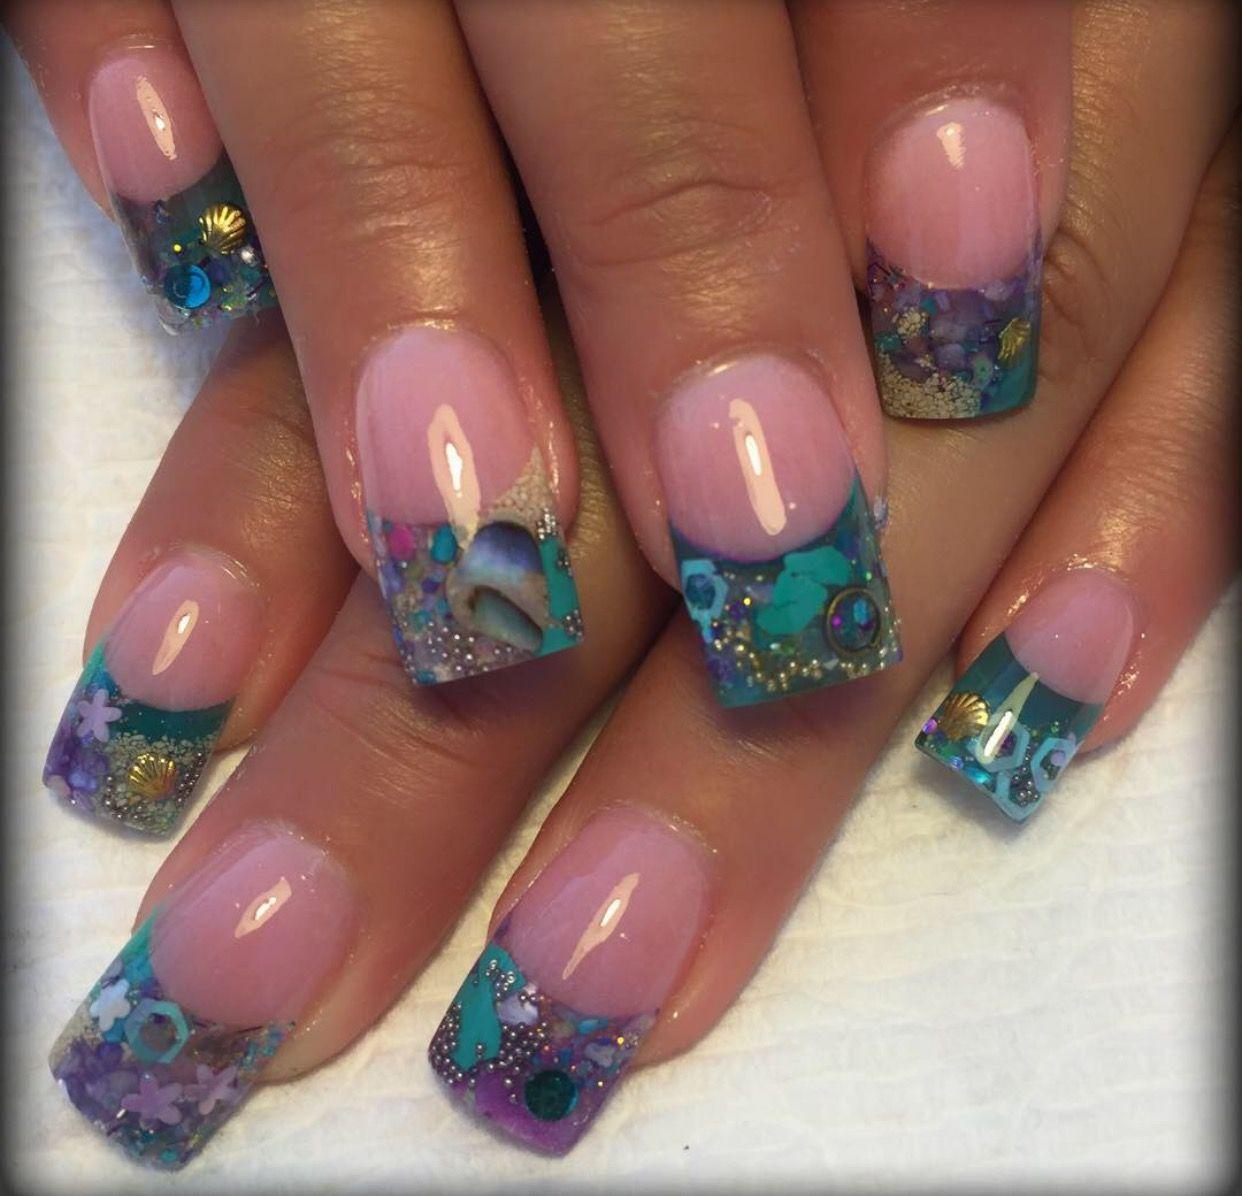 Encapsulated nails | Kanije Nails | Pinterest | Uñas encapsuladas ...